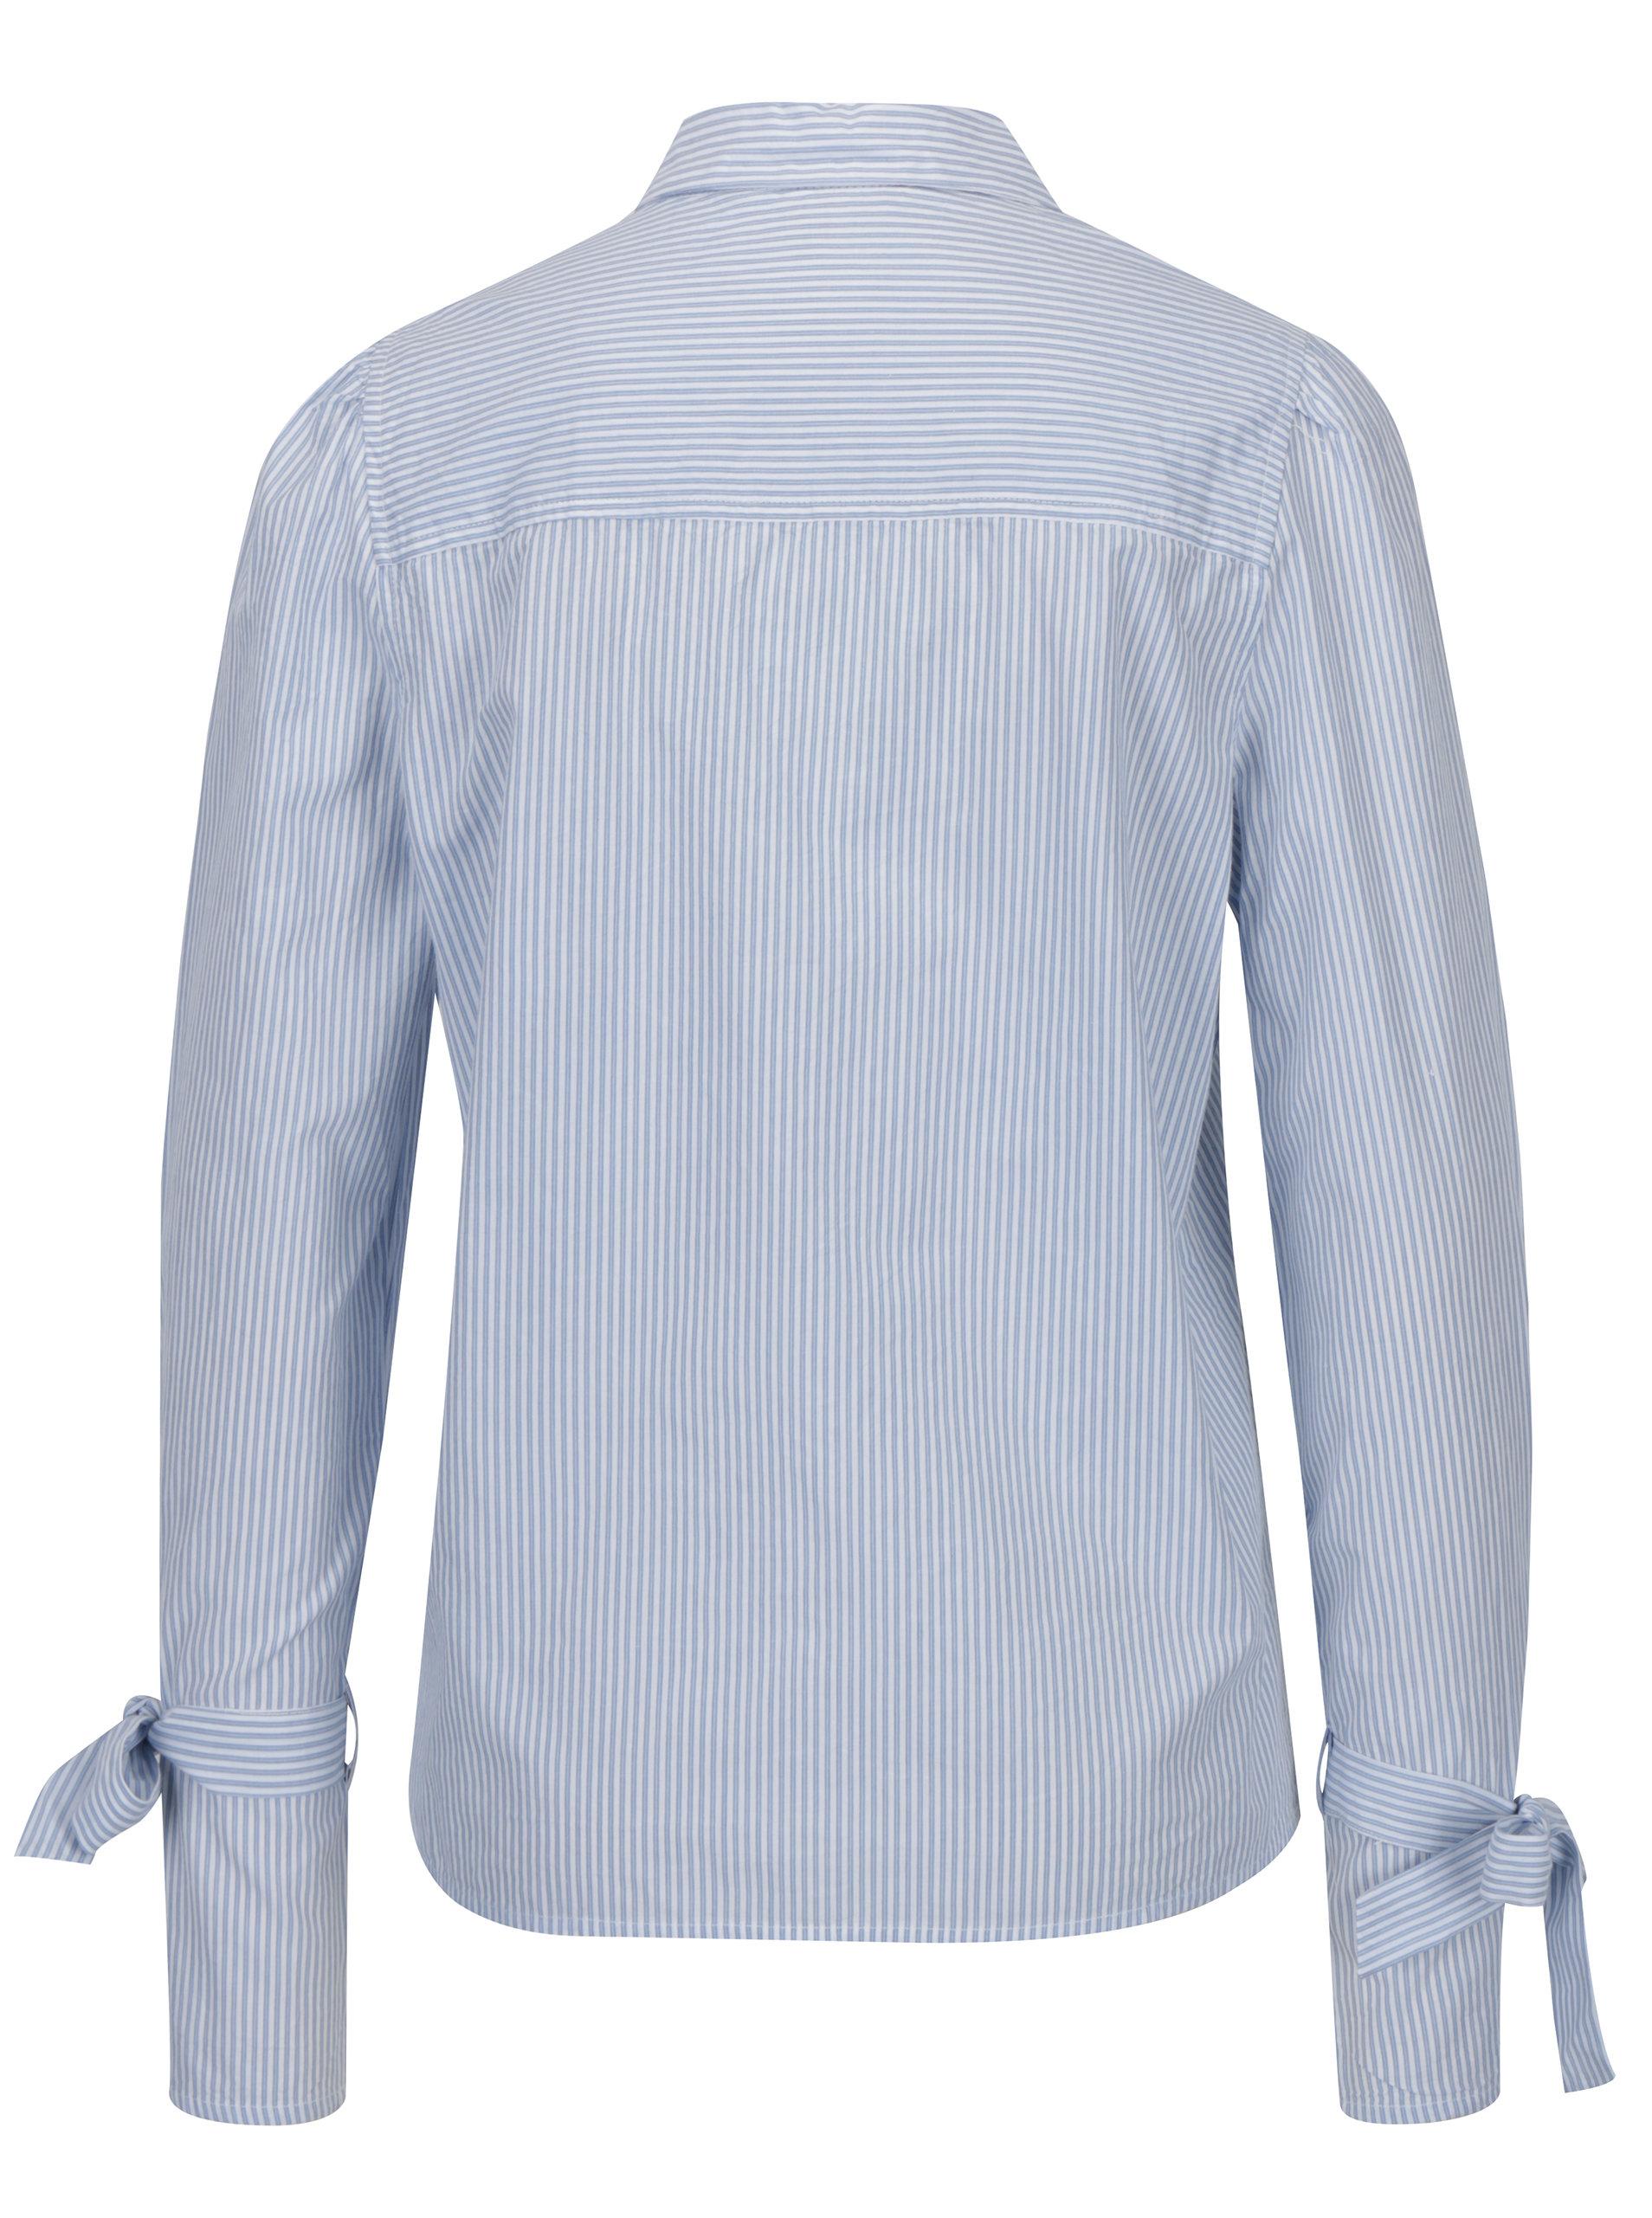 56f95f57c4d7 Modro-biela pruhovaná košeľa so zaväzovaním na rukávoch VERO MODA Juljane  ...